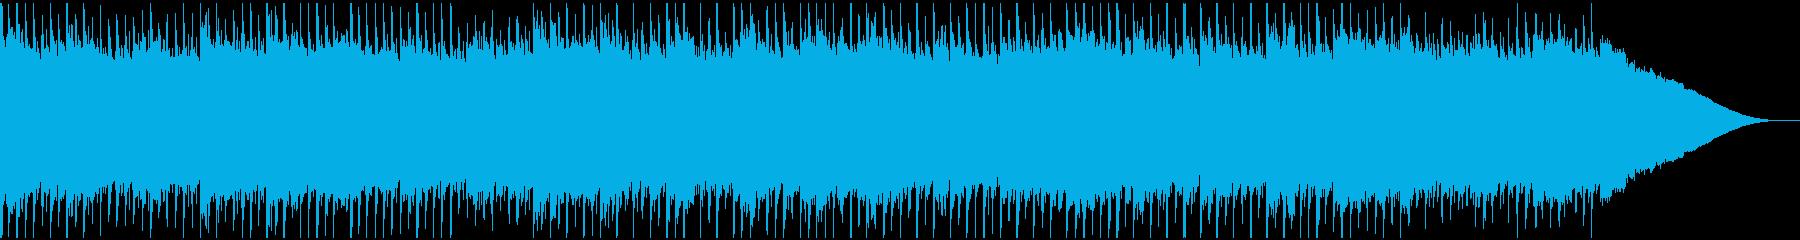 企業VP,コーポレート,ゆったり,60秒の再生済みの波形